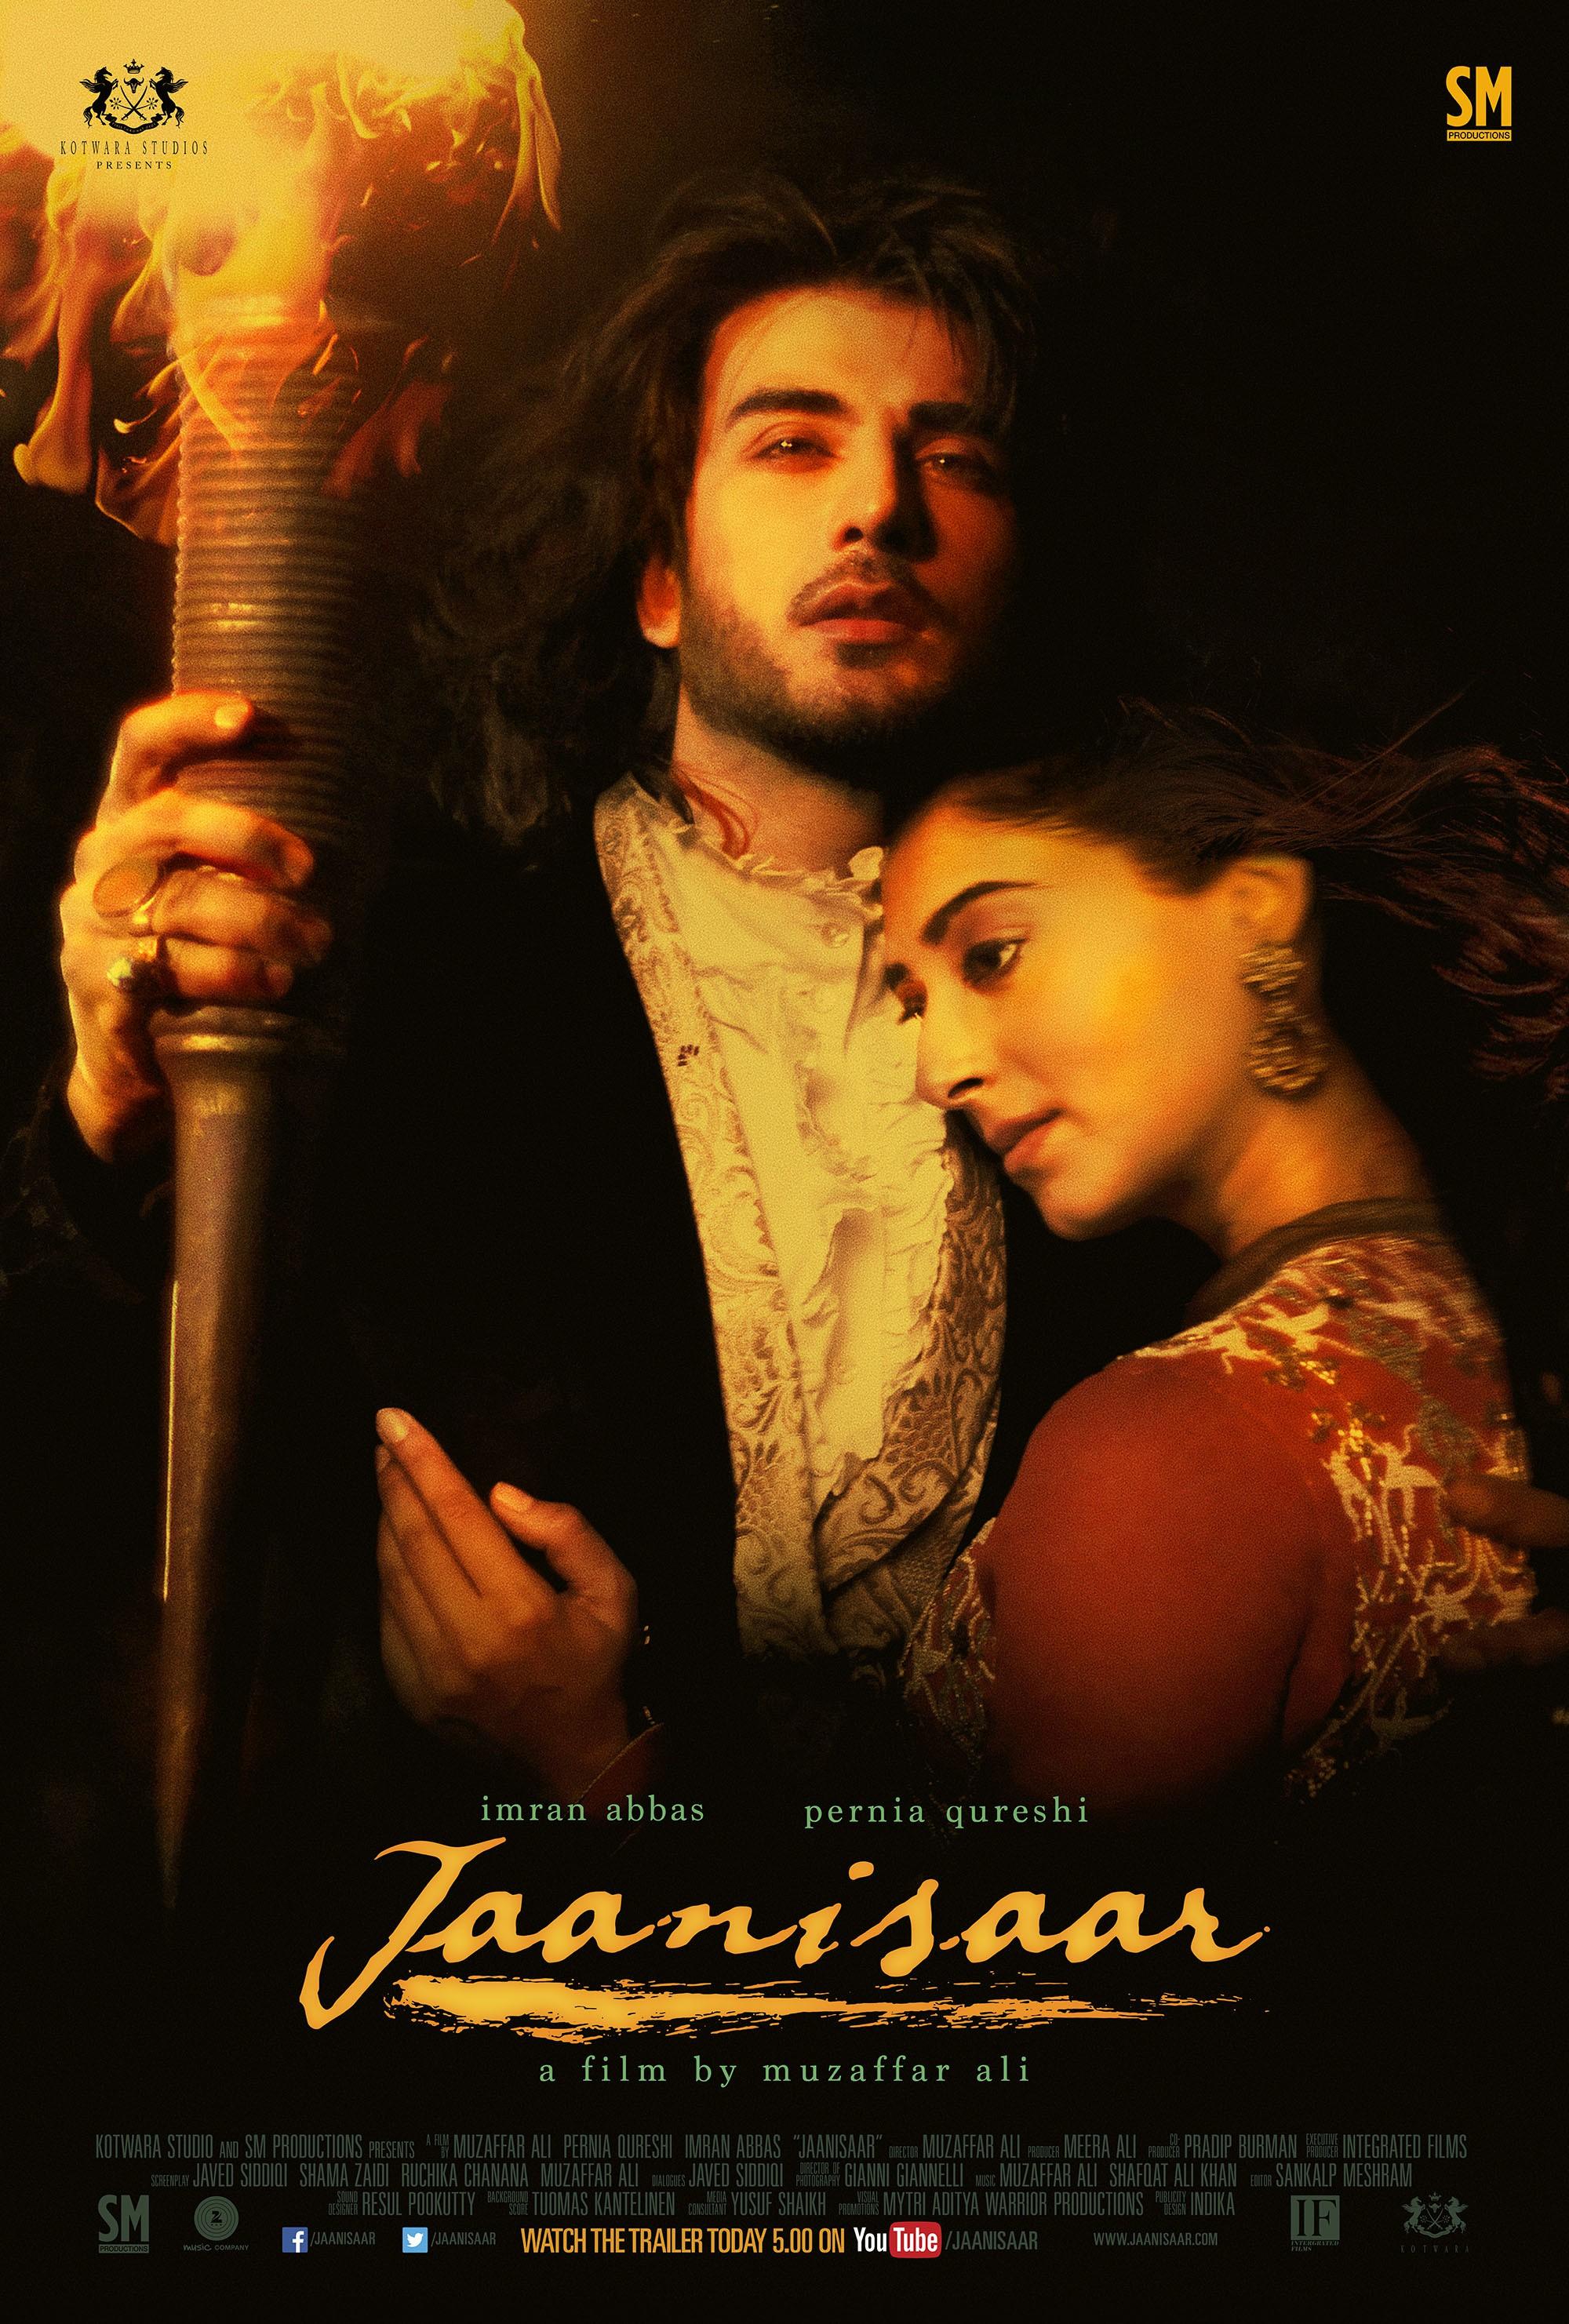 Jaanisaar (2015) Hindi 720p HEVC HDRip x265 AAC ESubs  [650MB] Full Movie Download